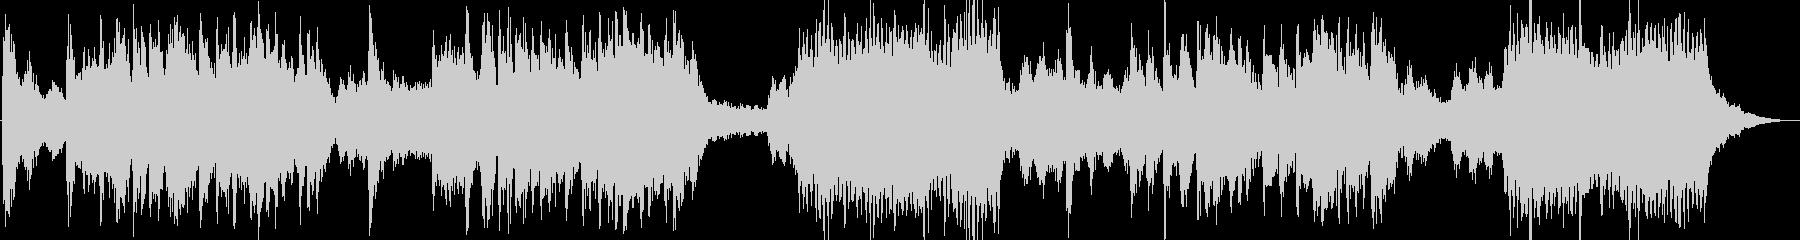 Kuan Yinの未再生の波形